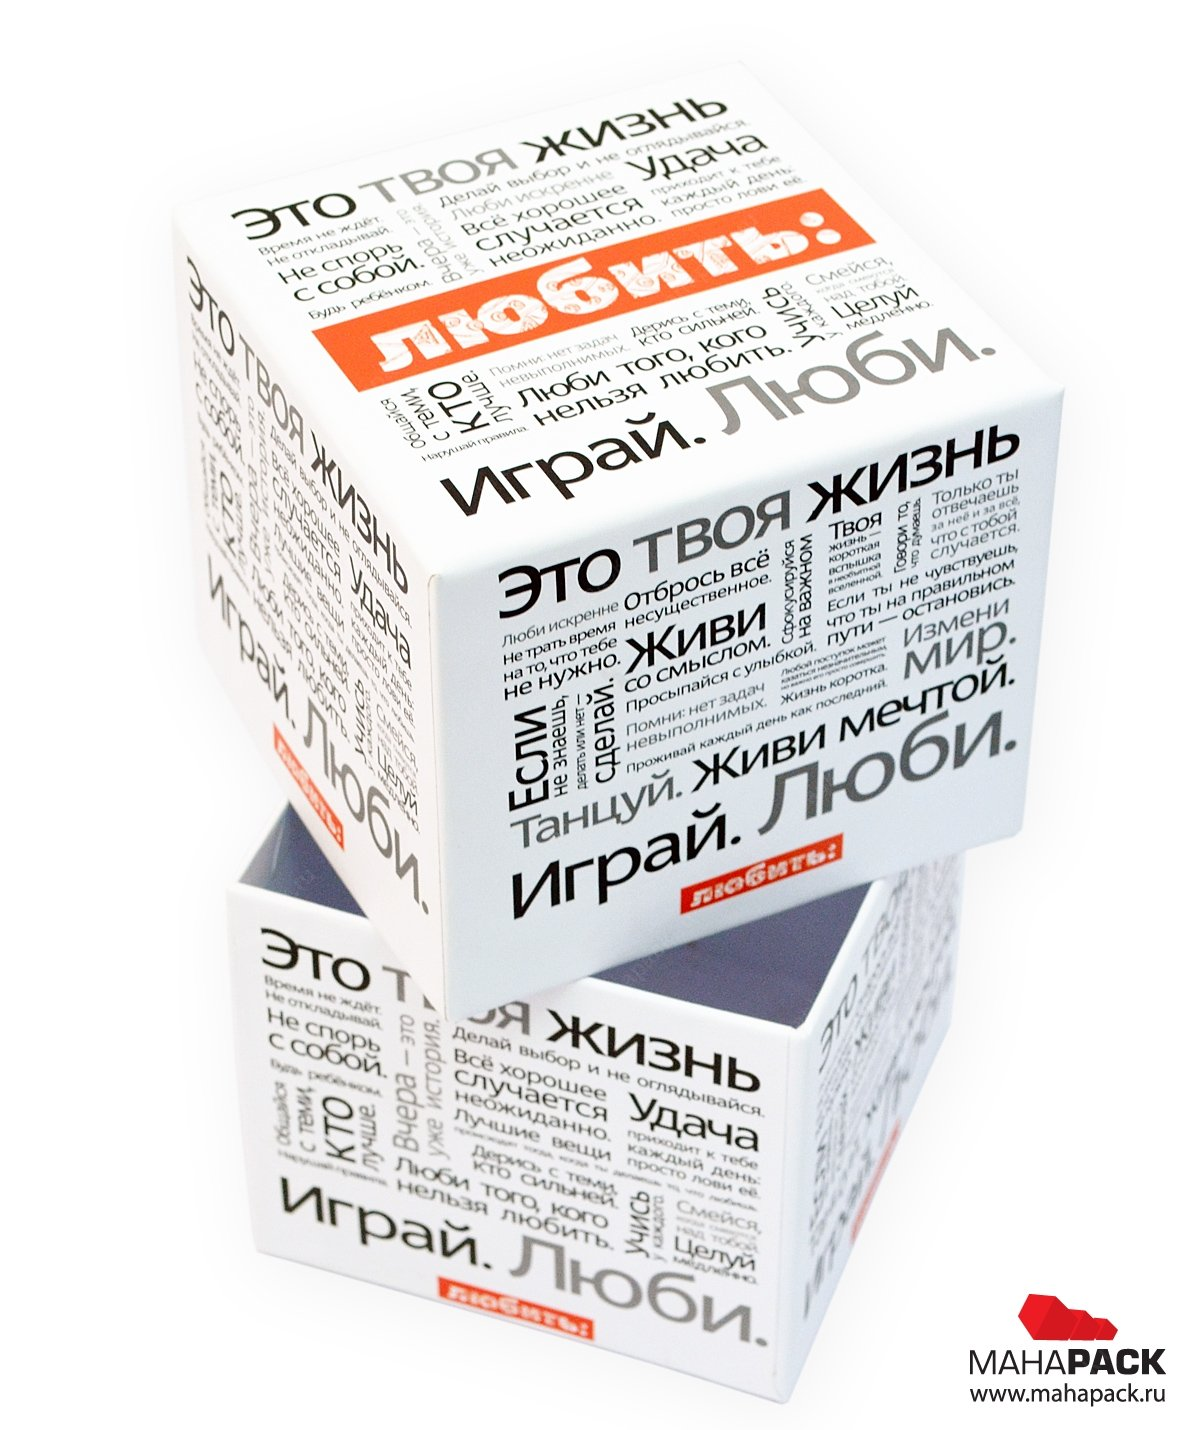 Индивидуальная упаковка-кубик